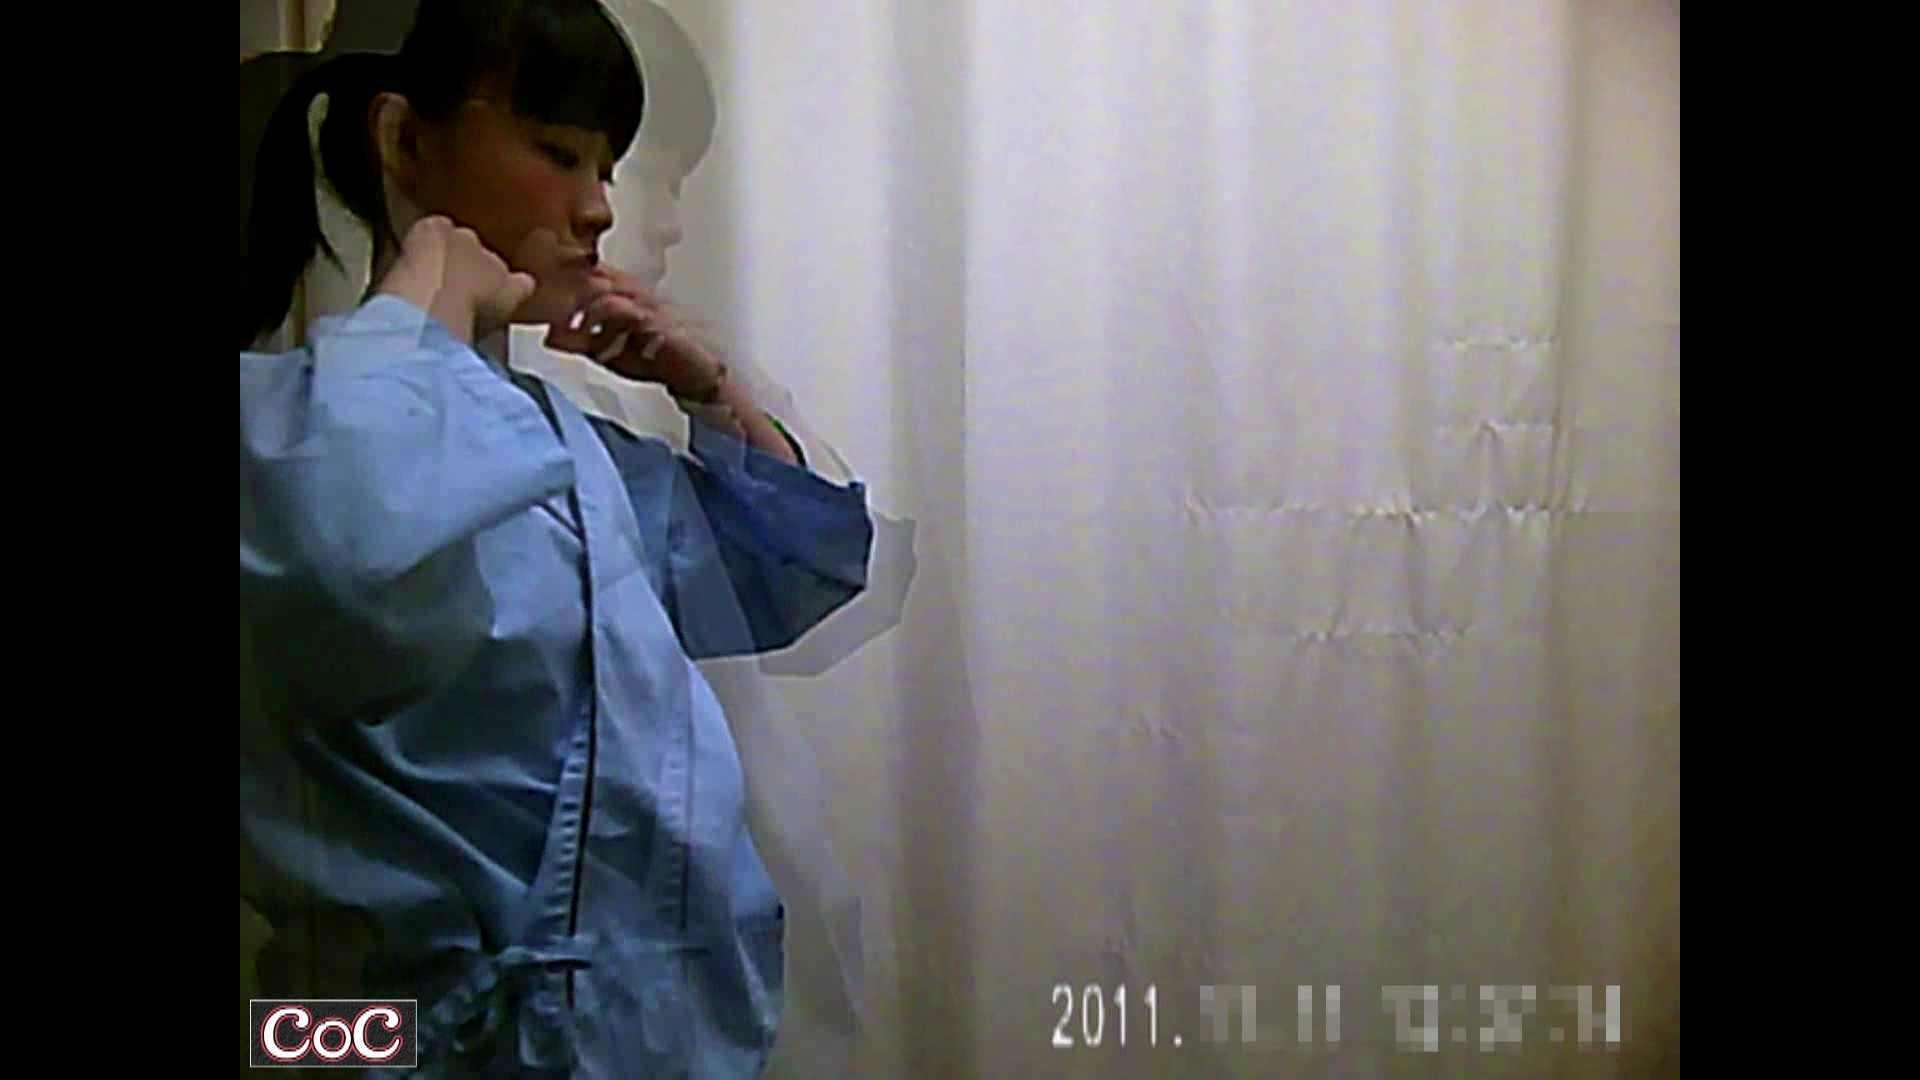 病院おもいっきり着替え! vol.87 チクビ オメコ無修正動画無料 91画像 4